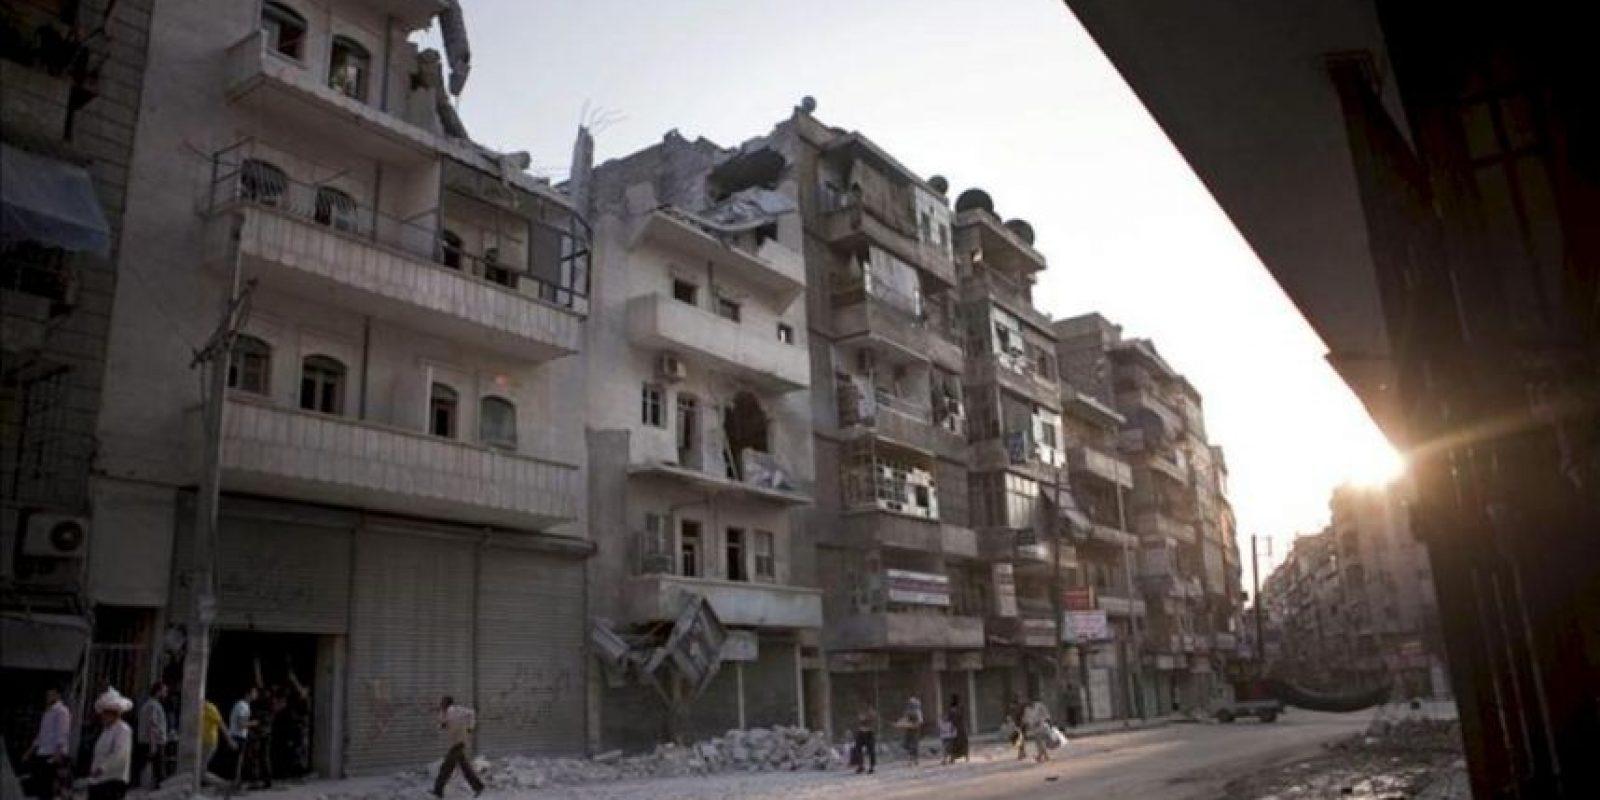 Civiles sirios huyen durante un bombardeo del Ejércio sirio en la ciudad de Alepo el pasado 3 de octubre. EFE/Archivo